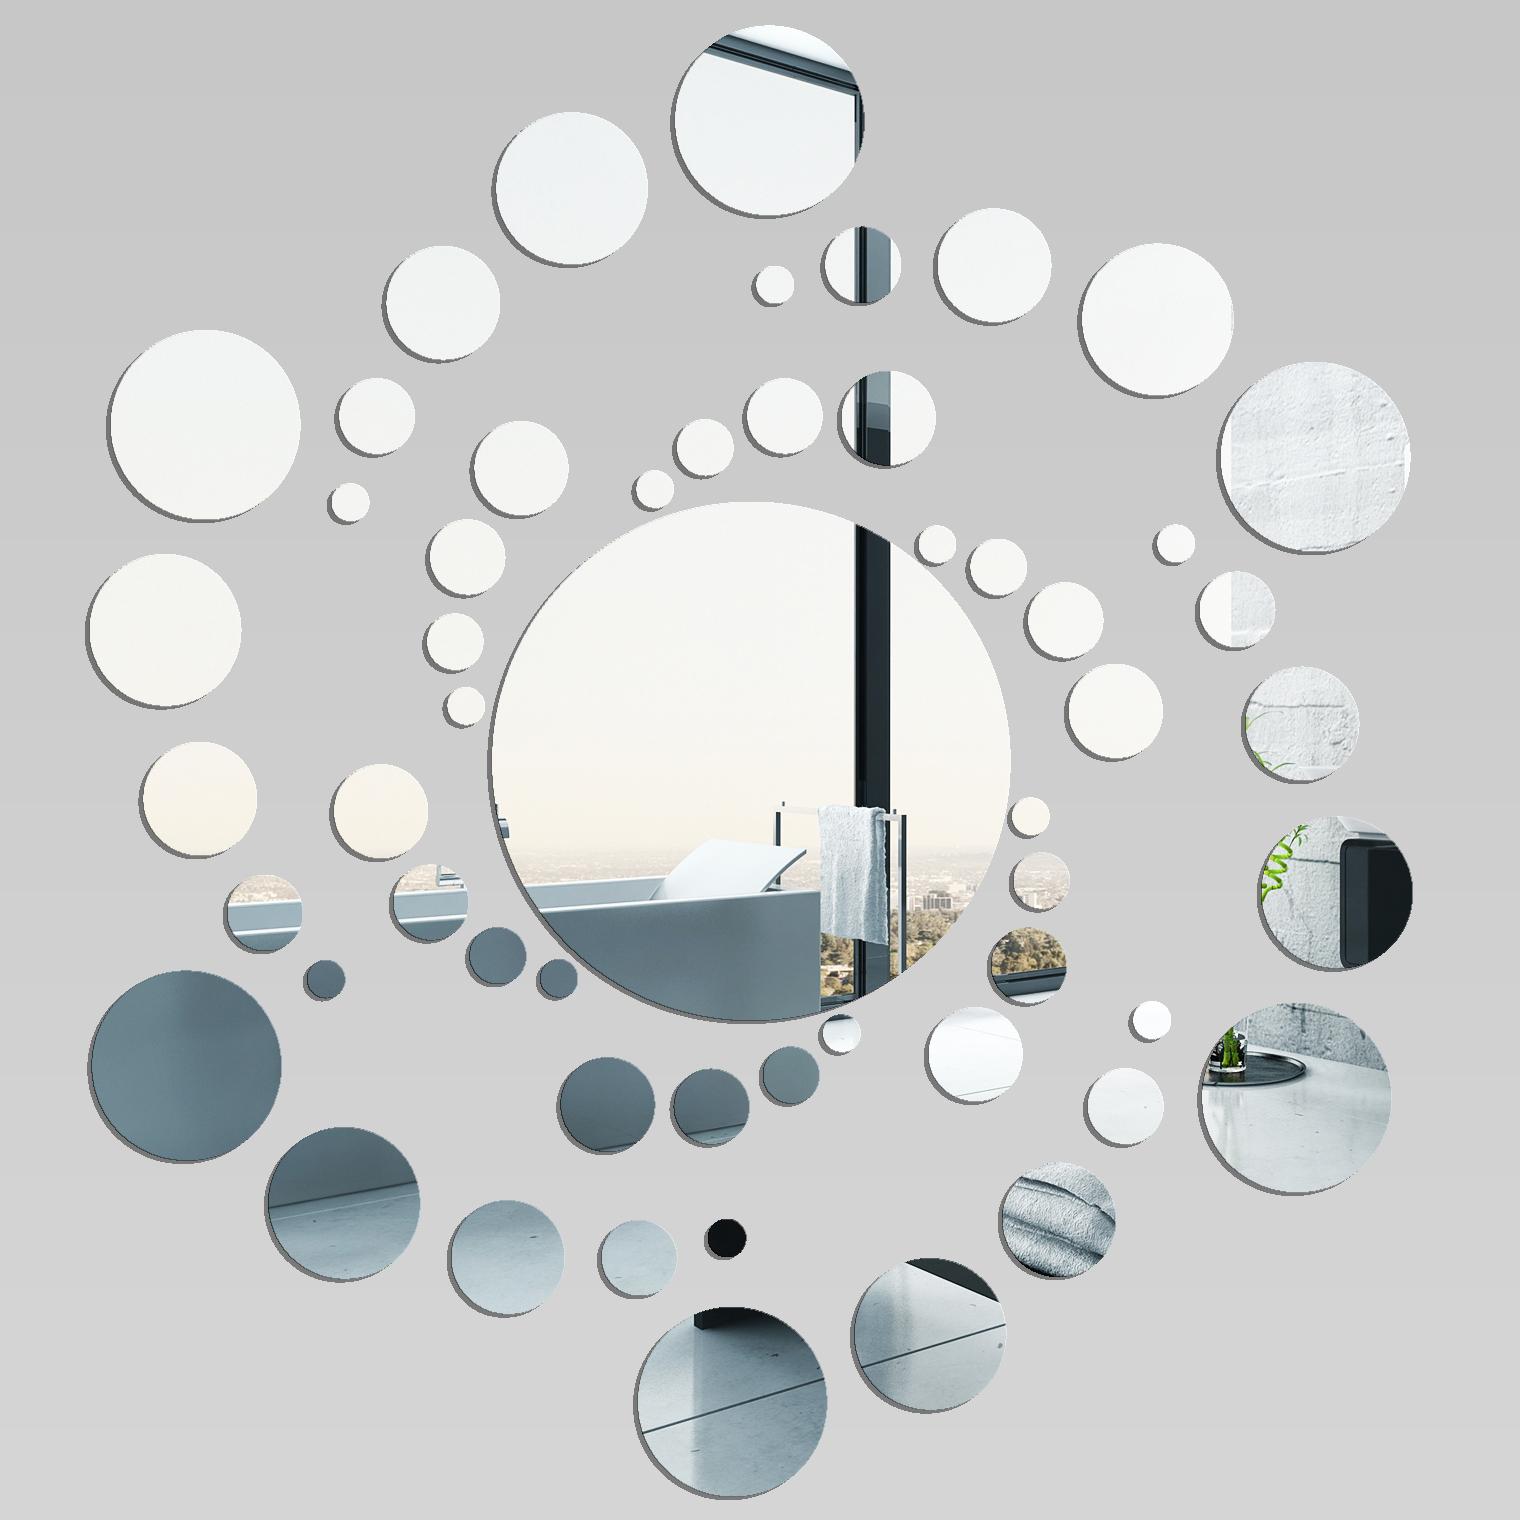 Adesivi follia specchio acrilico plexiglass spirale - Plexiglass a specchio ...